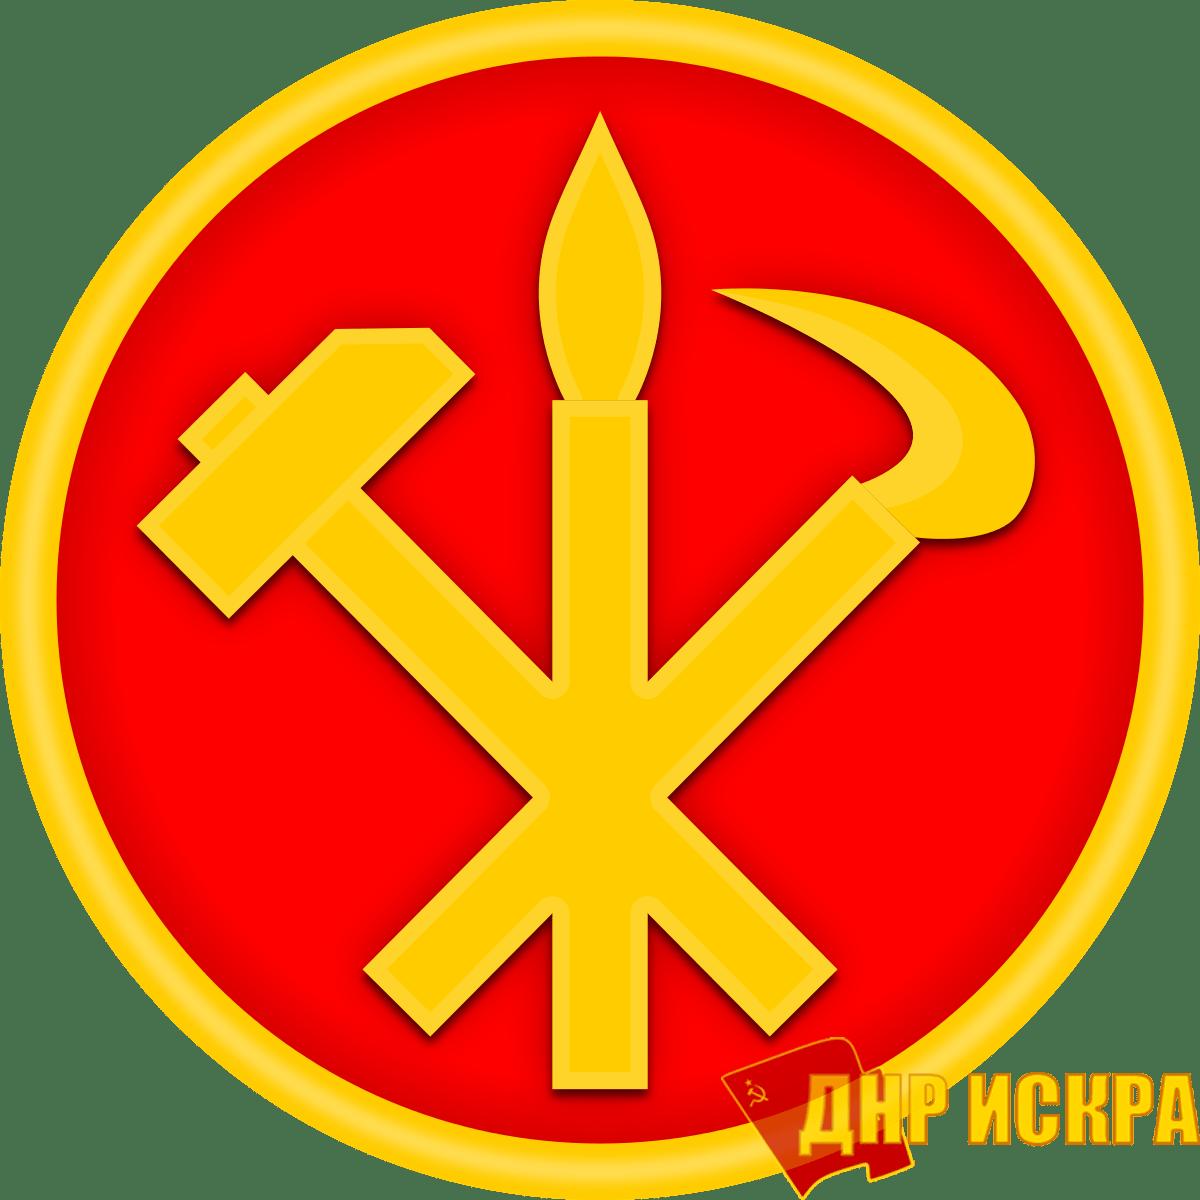 Вопрос с жилдомами: реальная ситуация с правами человека в КНДР